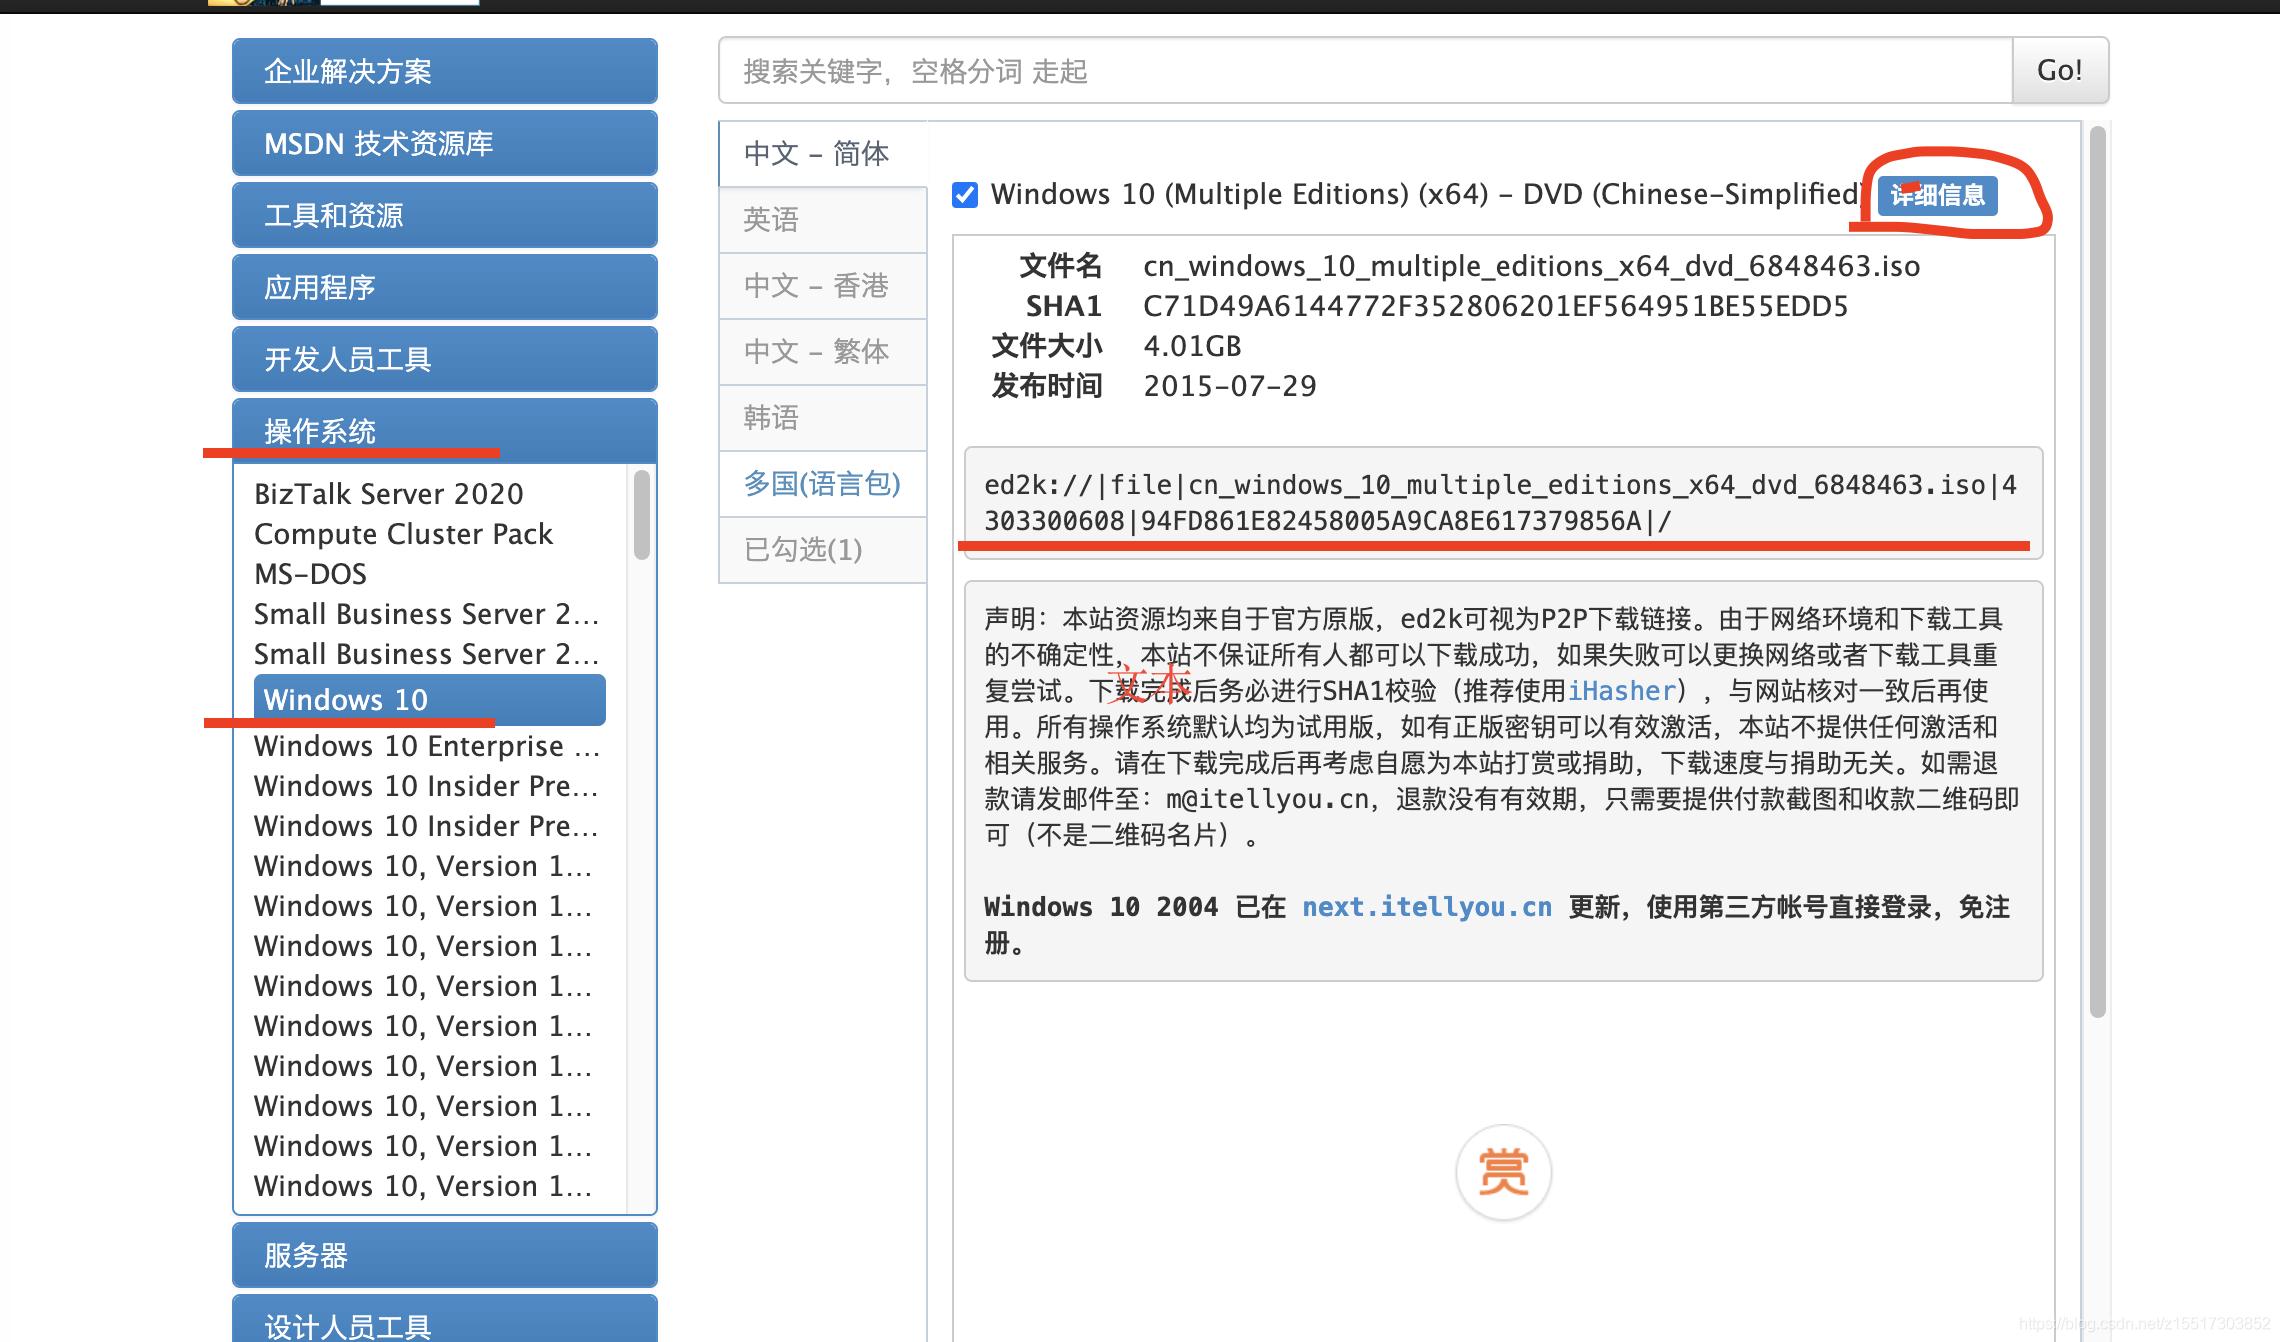 下载系统的网站示意图